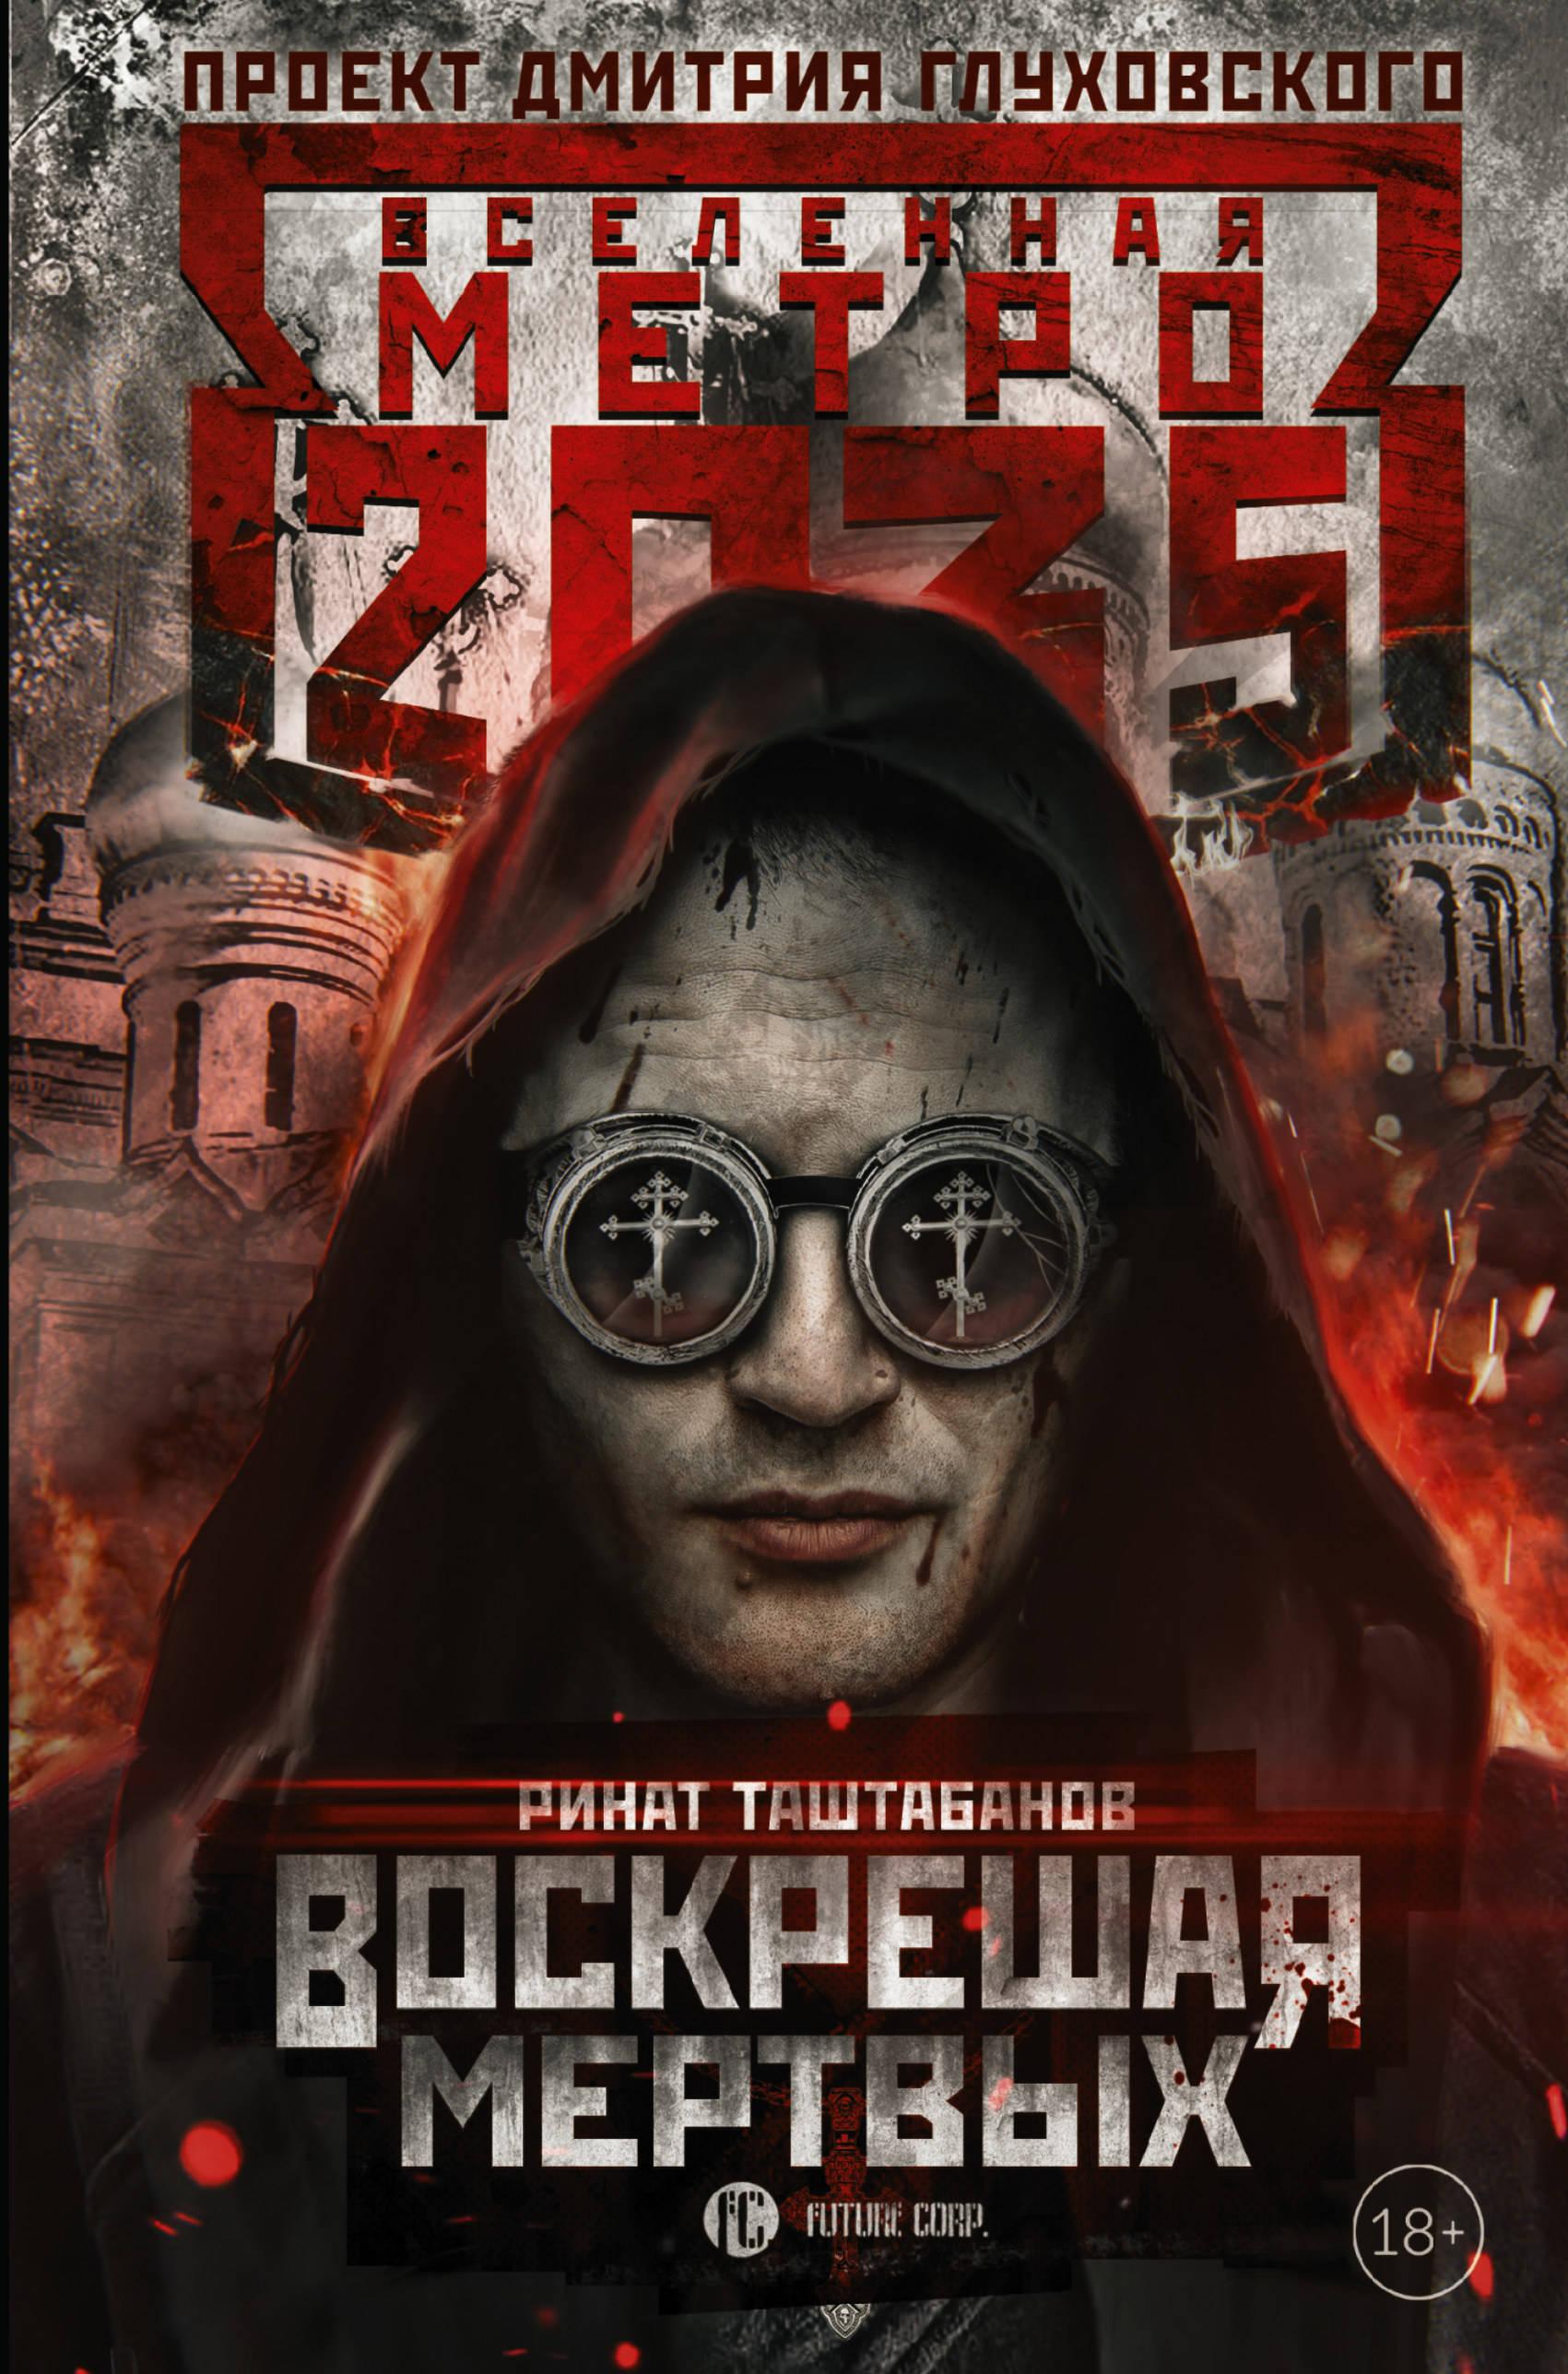 Ринат Таштабанов Метро 2035: Воскрешая мертвых